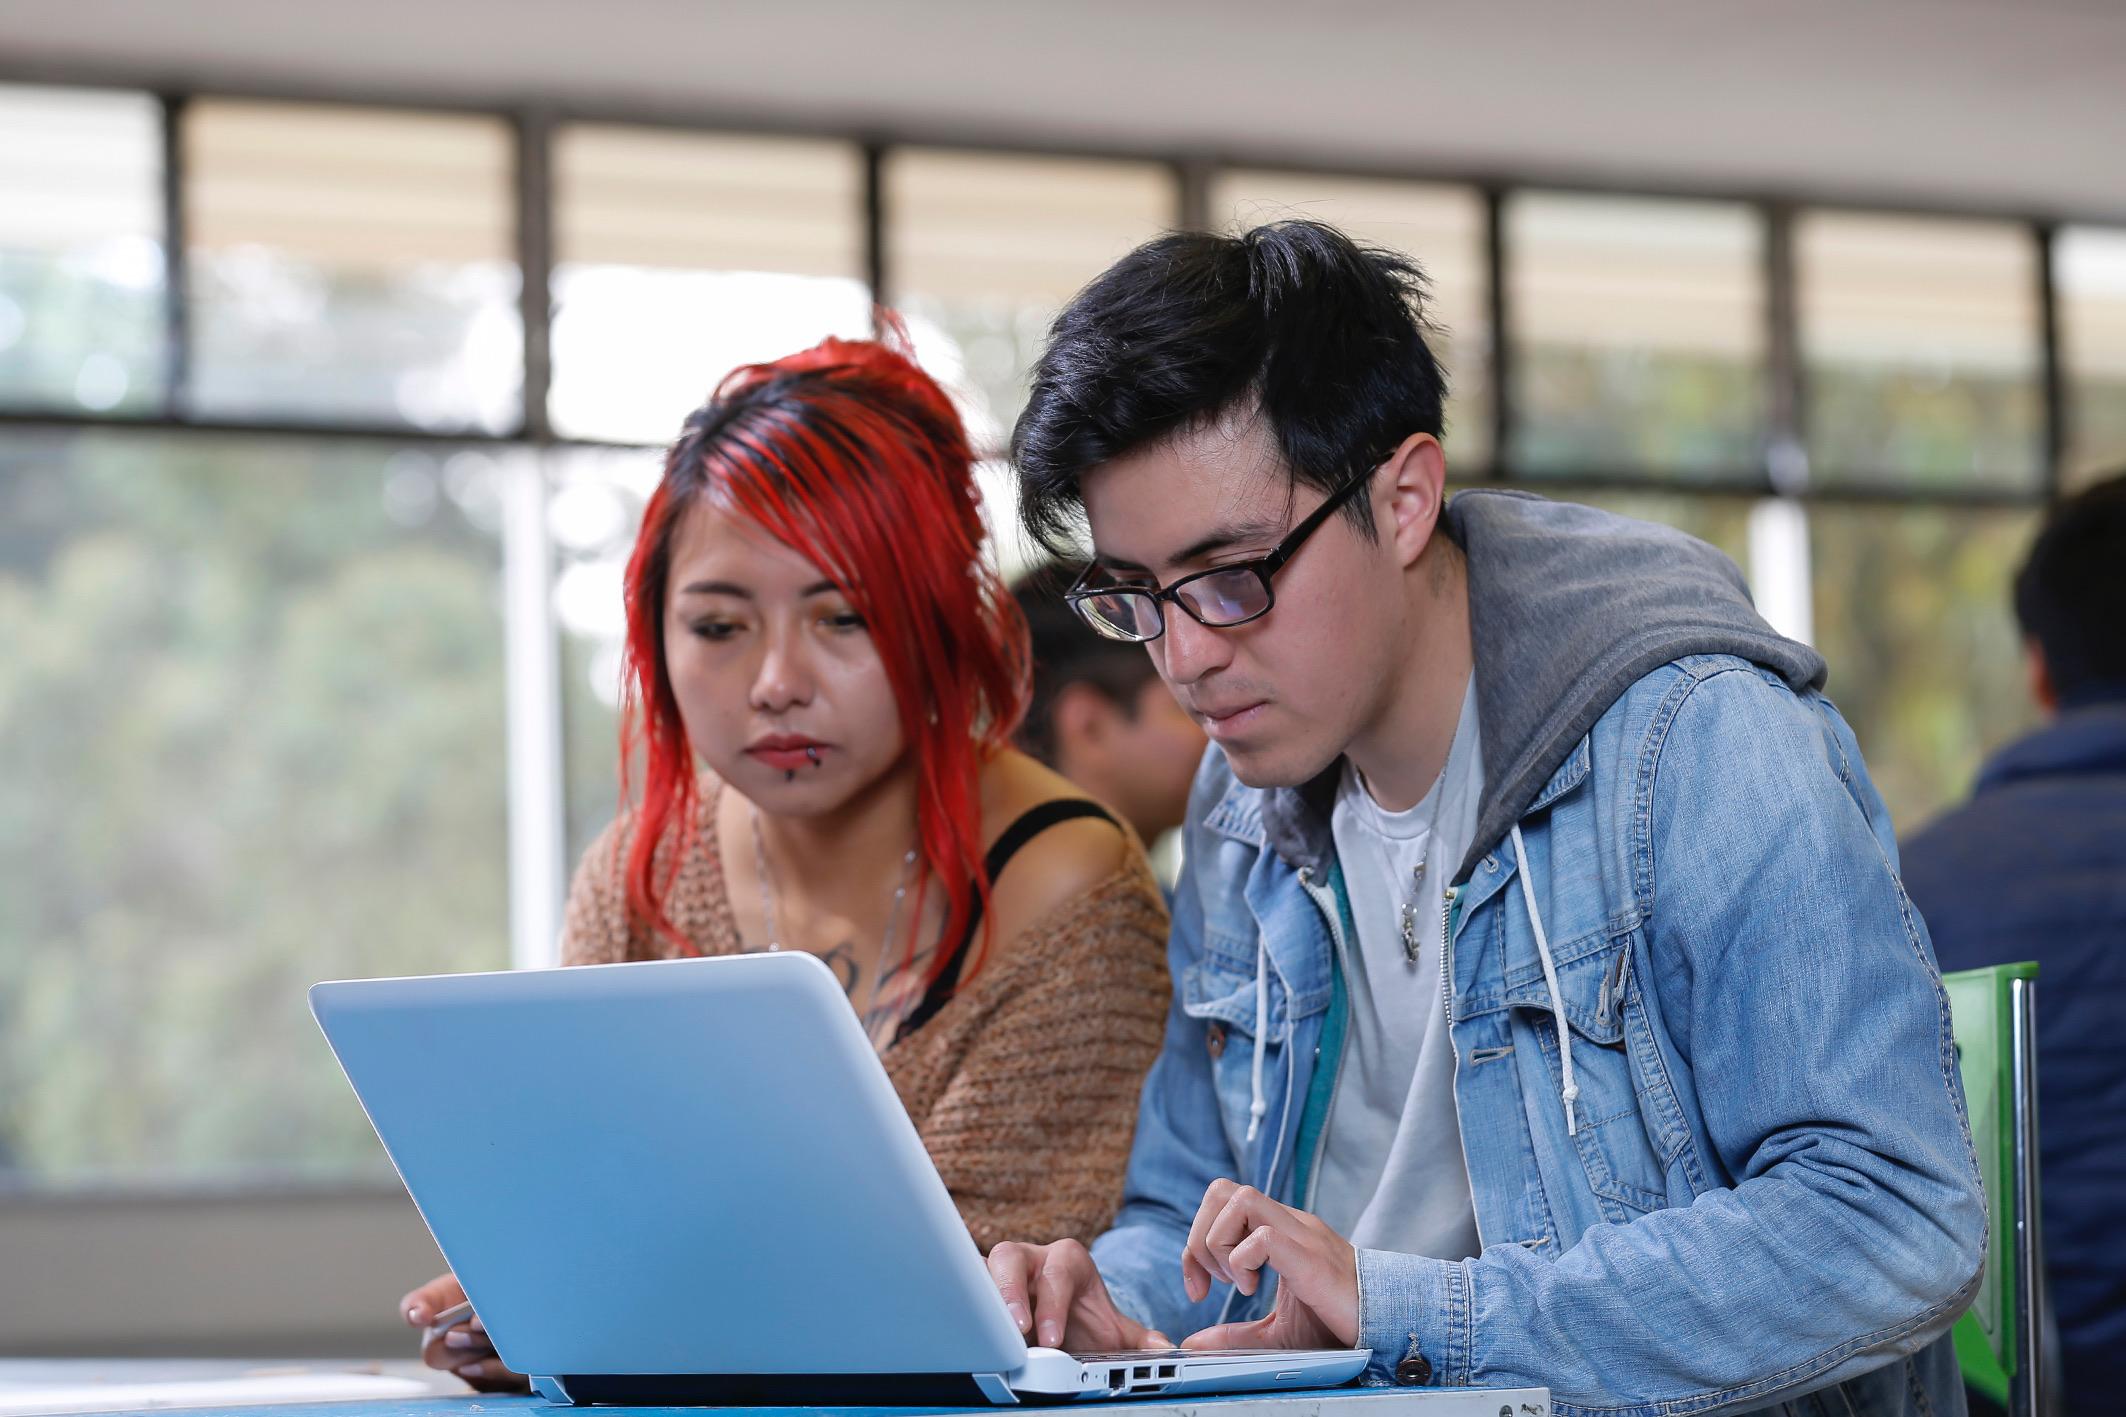 Educa UAEM a 2 mil 828 alumnos más, respecto a 2017